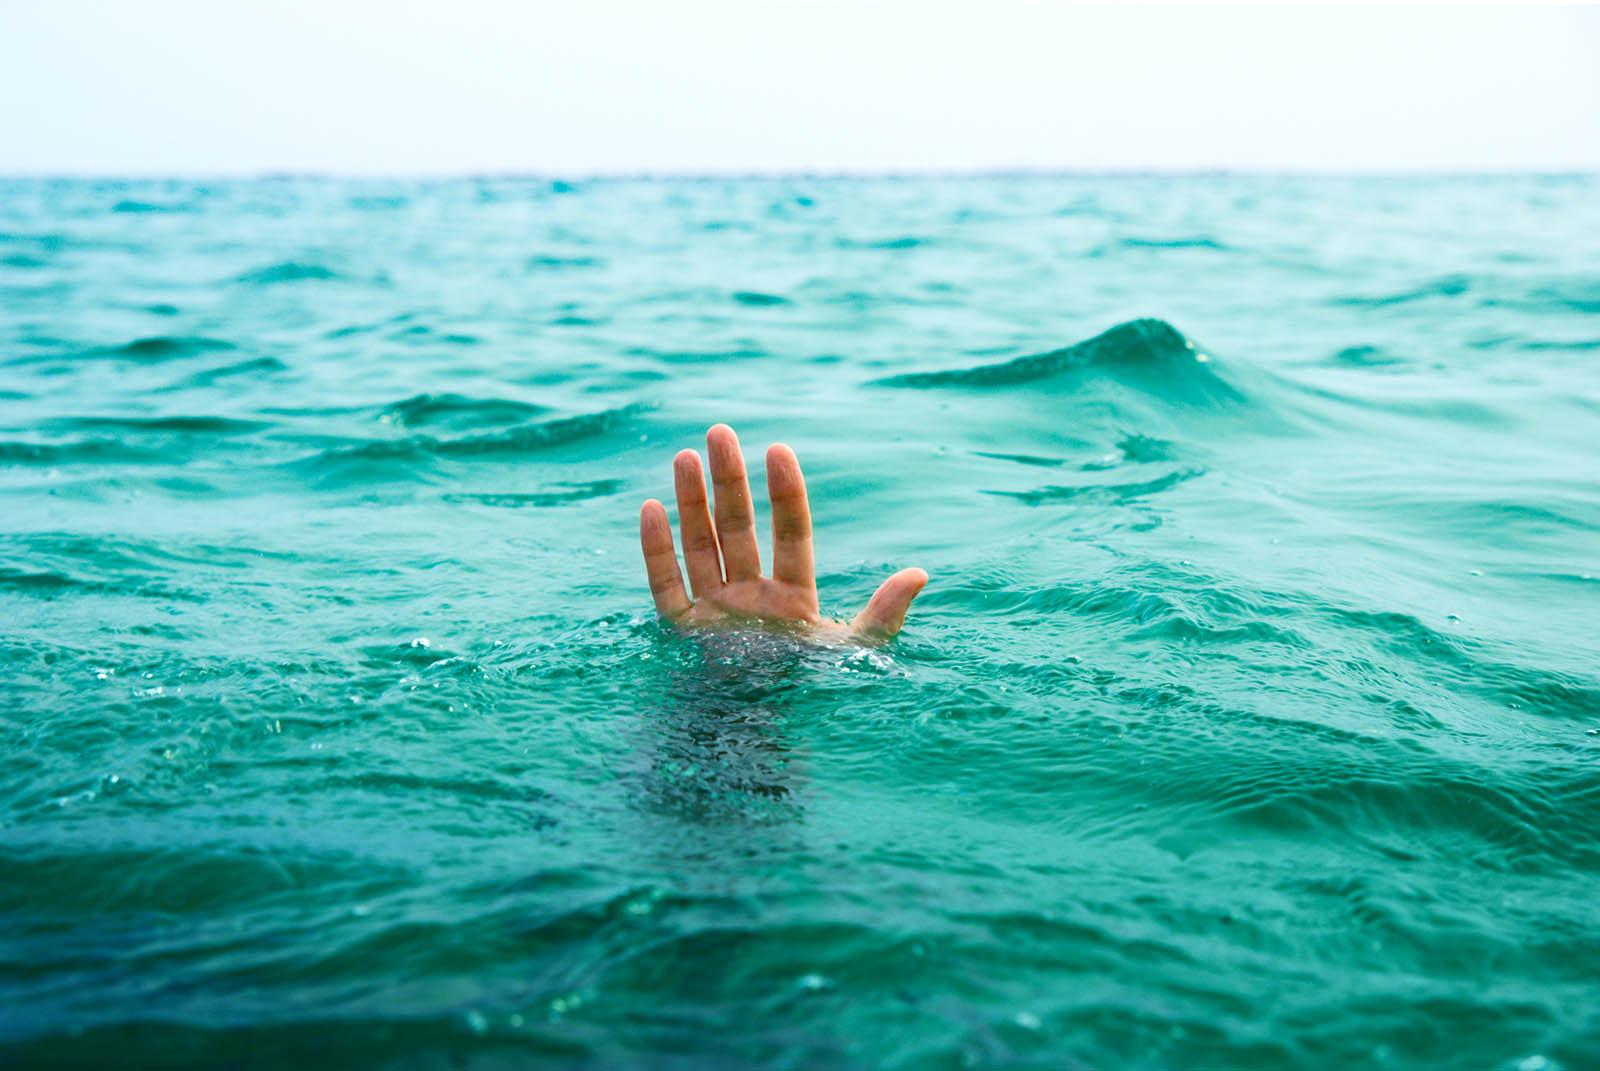 جان باختن جوان چالوسی در دریای خزر